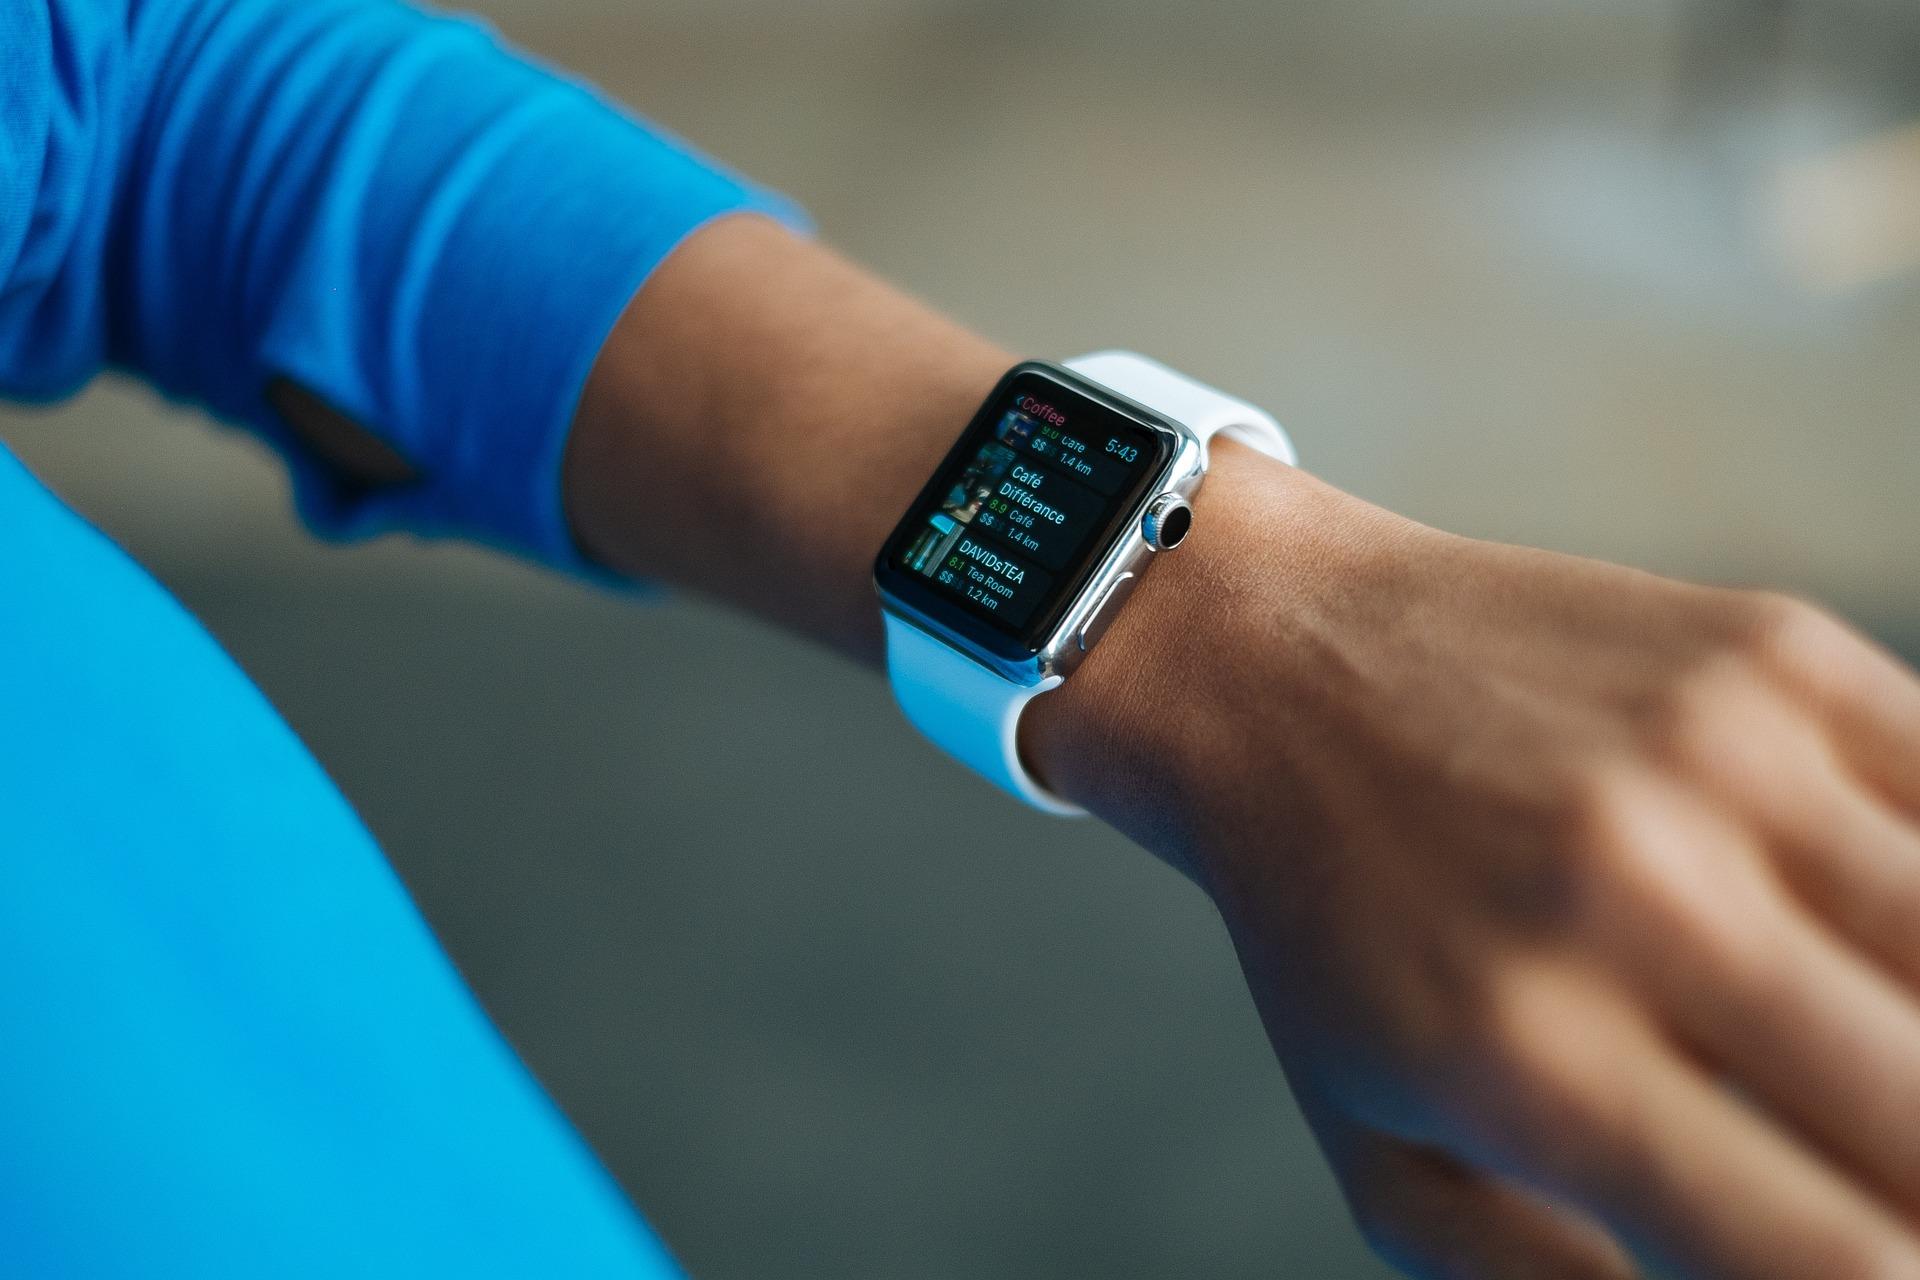 Pengertian Smartwatch dan jenis-jenis nya